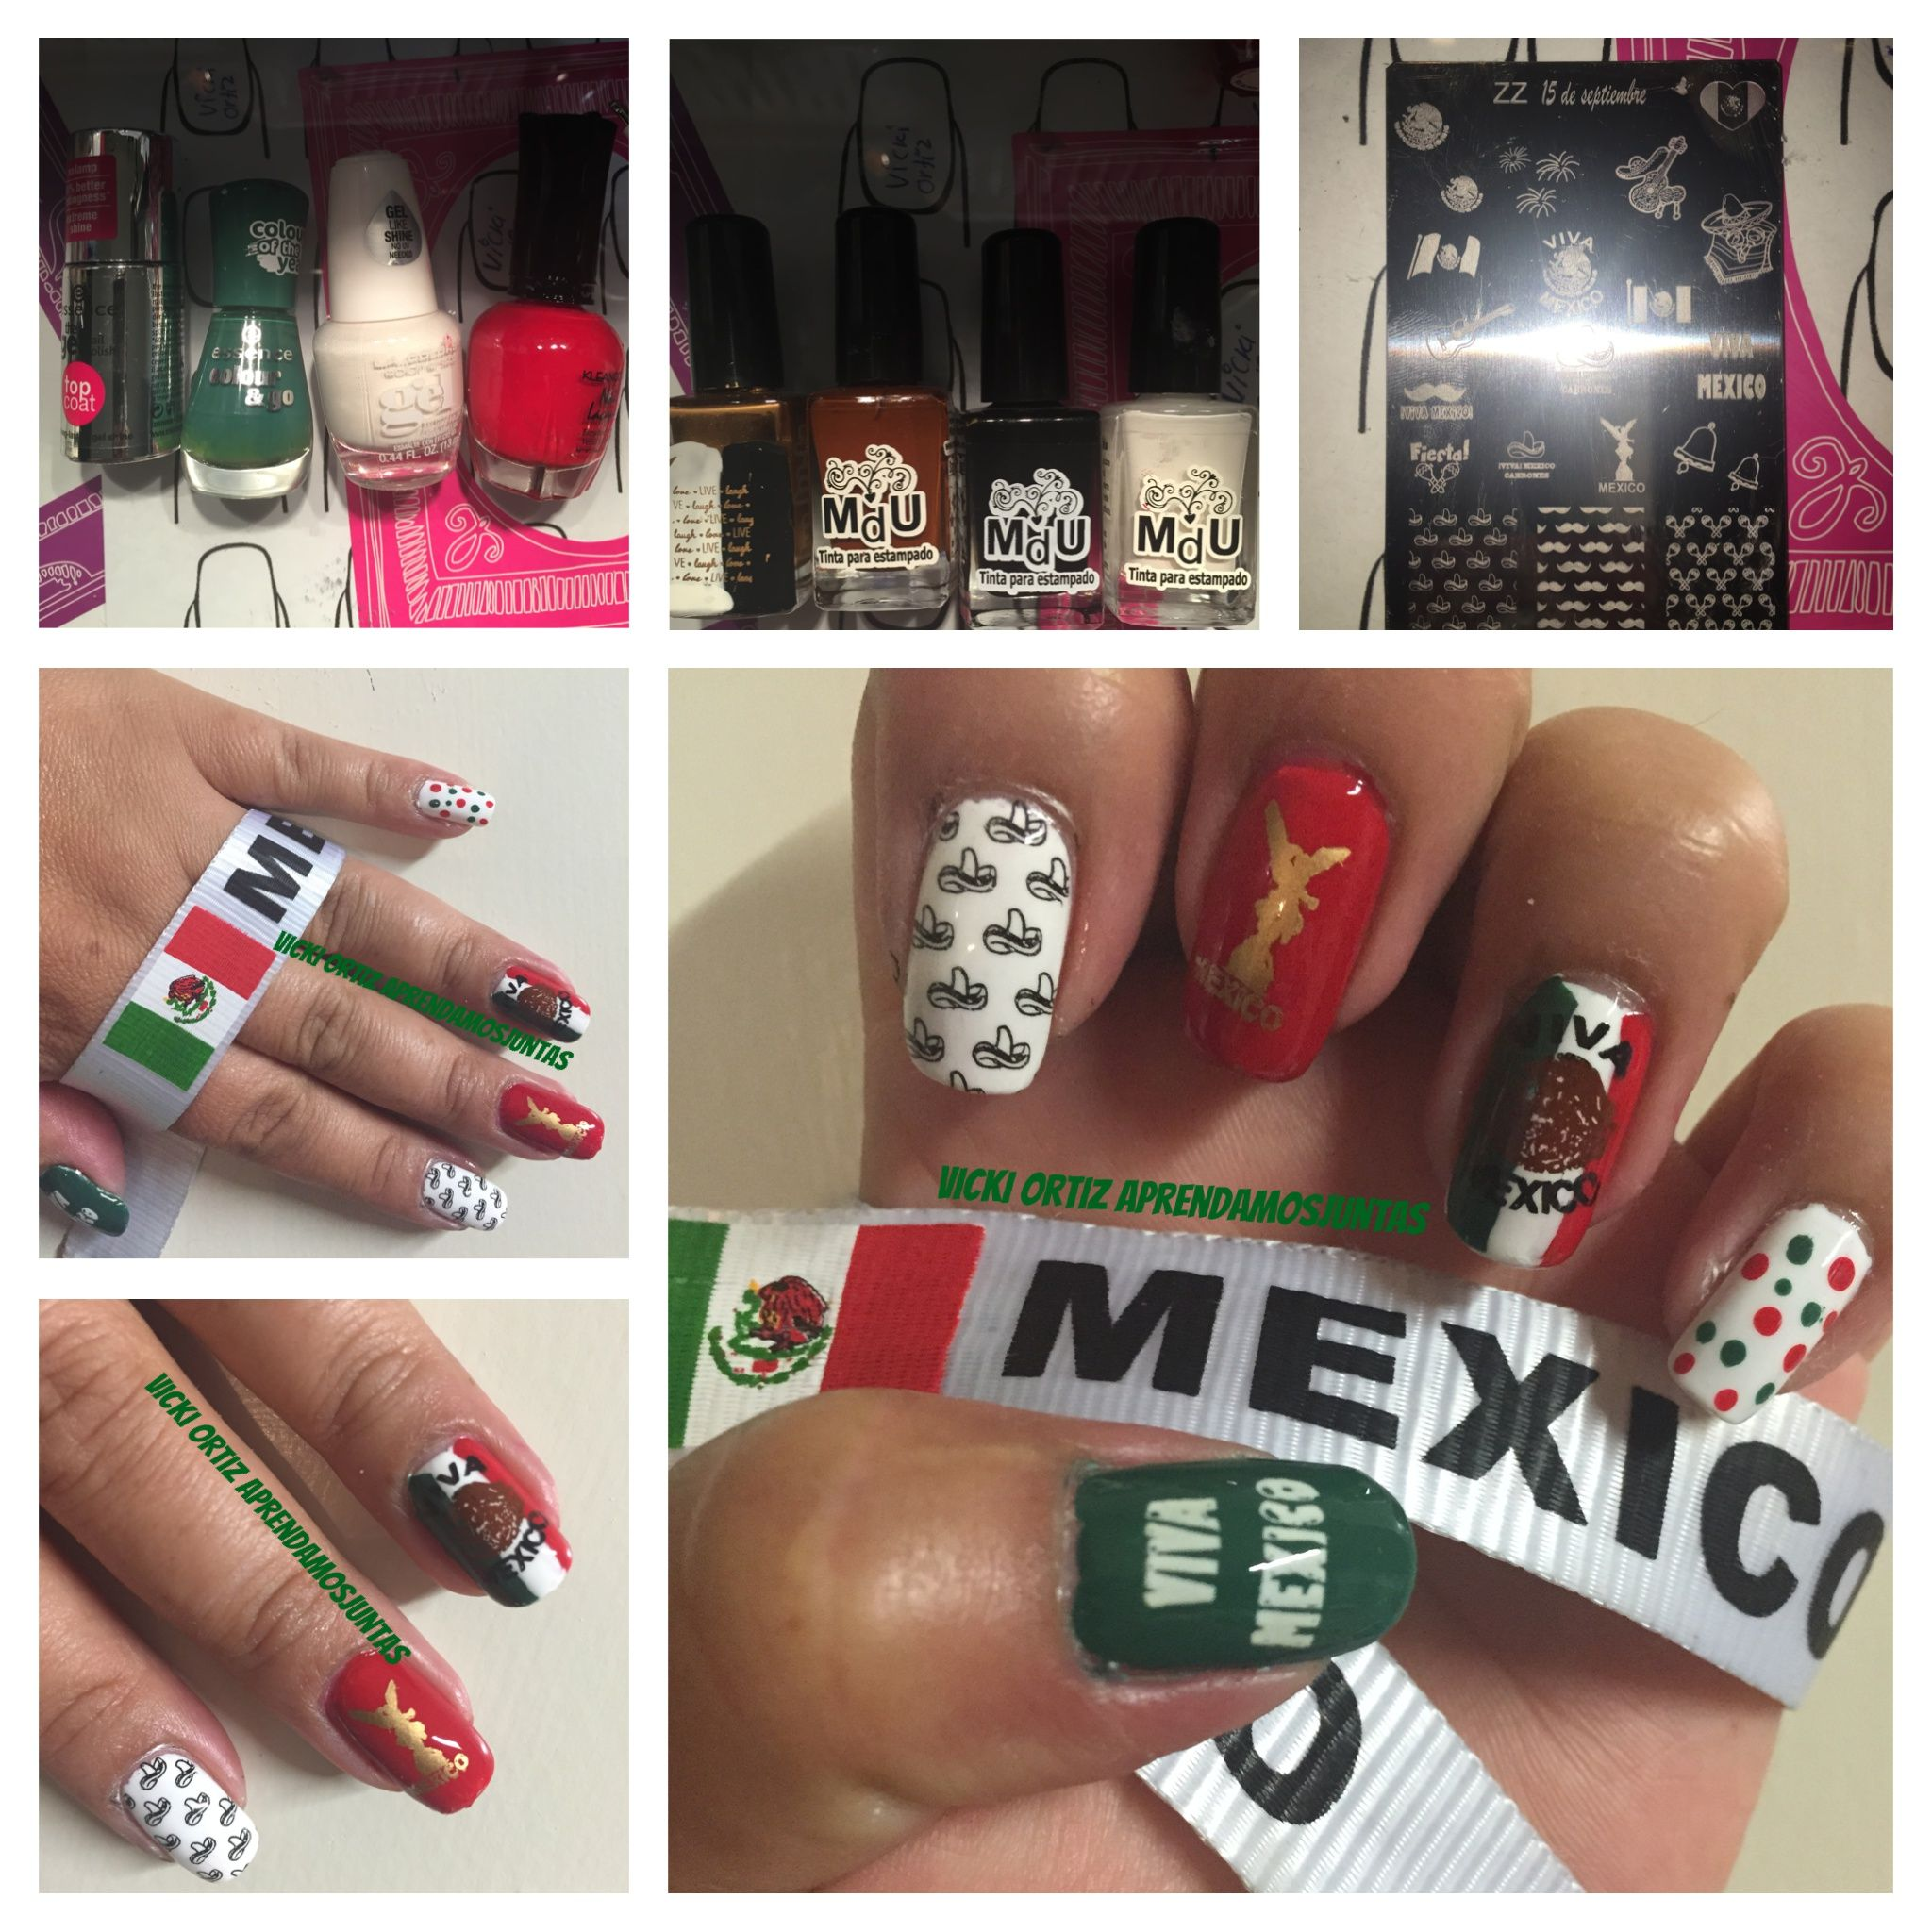 Diseño de uñas viva México 15 de septiembre | Uñas Con diseños ...